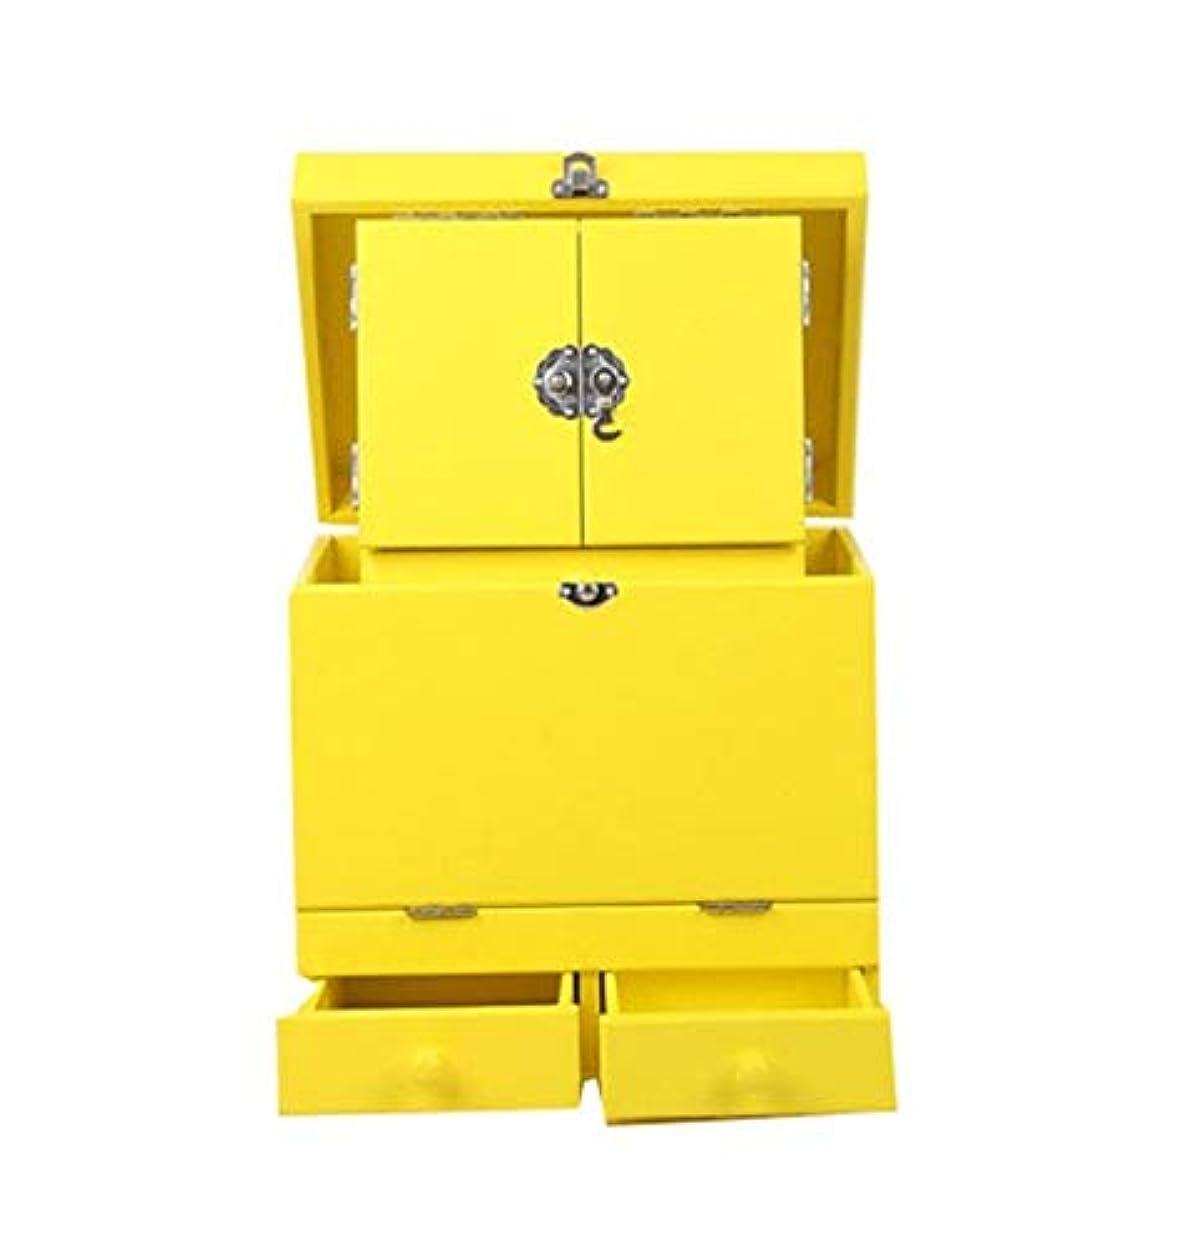 旧正月ガレージミシン目化粧箱、黄色のダブルデッカーヴィンテージ木製彫刻が施された化粧ケース、ミラー、高級ウェディングギフト、新築祝いギフト、美容ネイルジュエリー収納ボックス